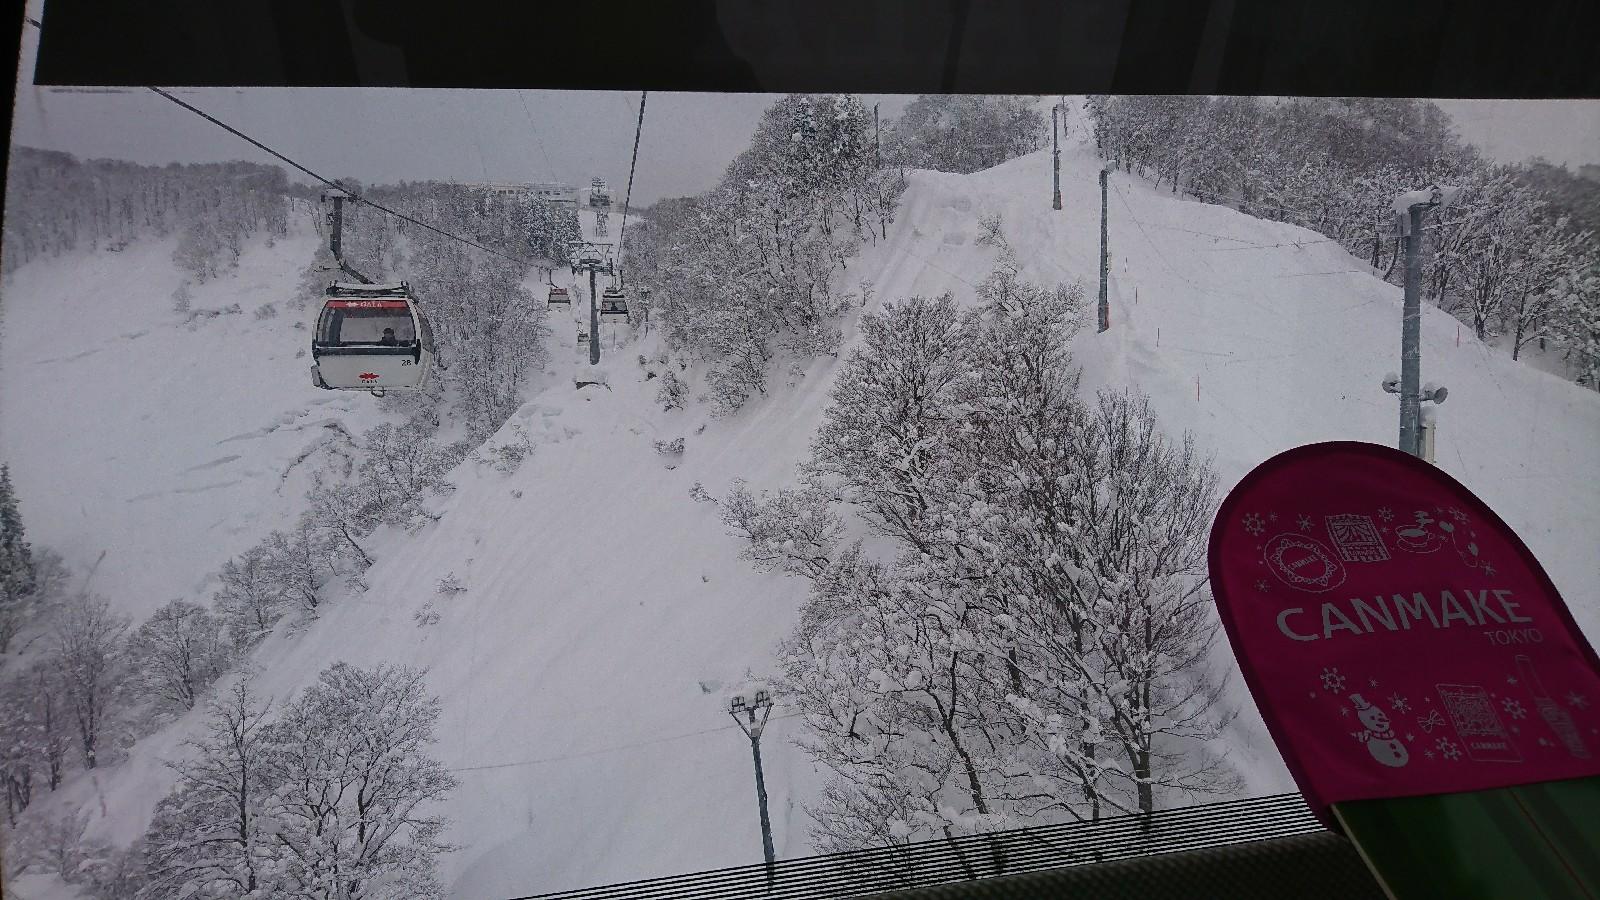 湯沢 量 ガーラ 積雪